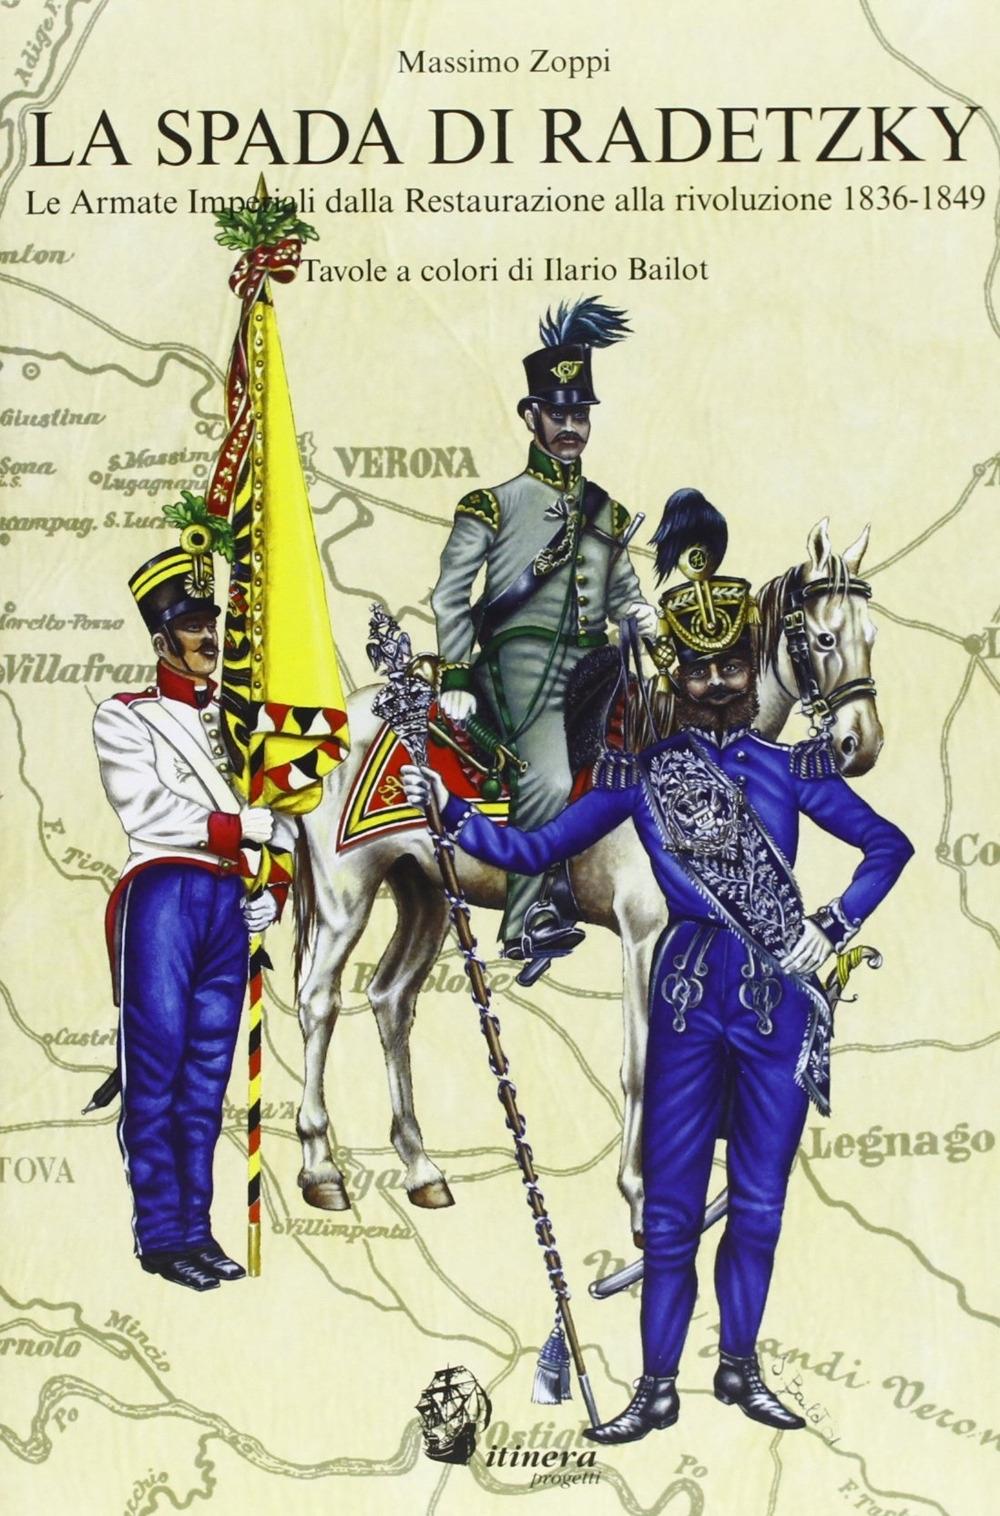 La spada di Radetzky. Le armate imperiali dalla Restaurazione alla Rivoluzione 1836-1849